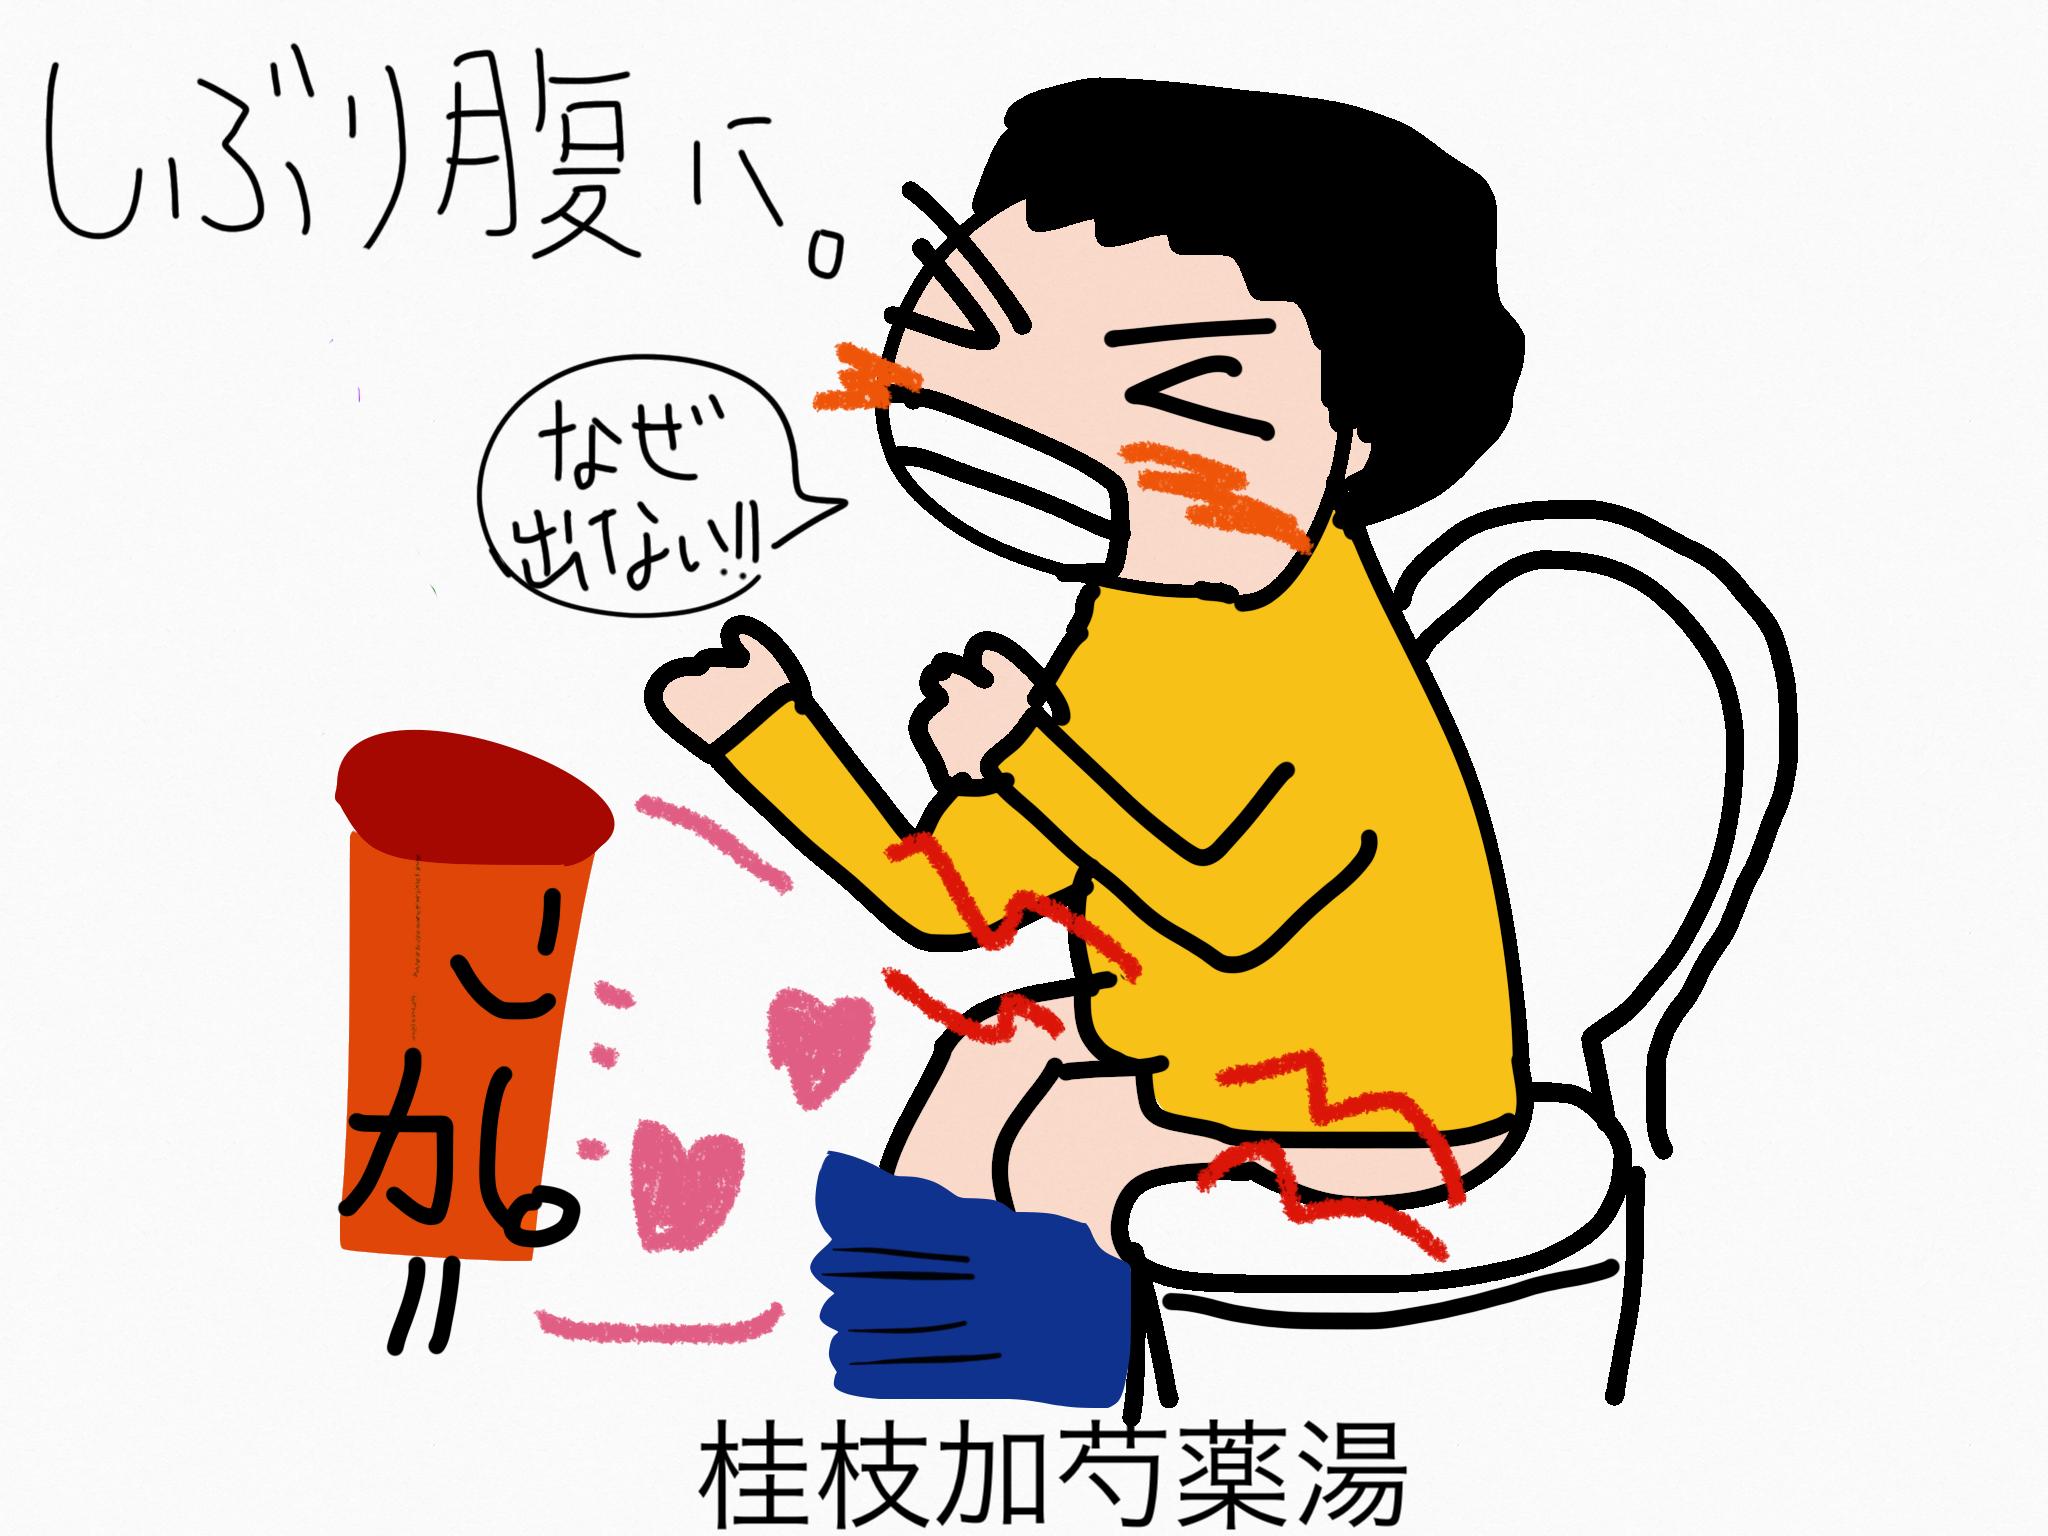 桂枝加芍薬湯(けいしかしゃくやくとう)[腸の不調]【漢方の覚え方】